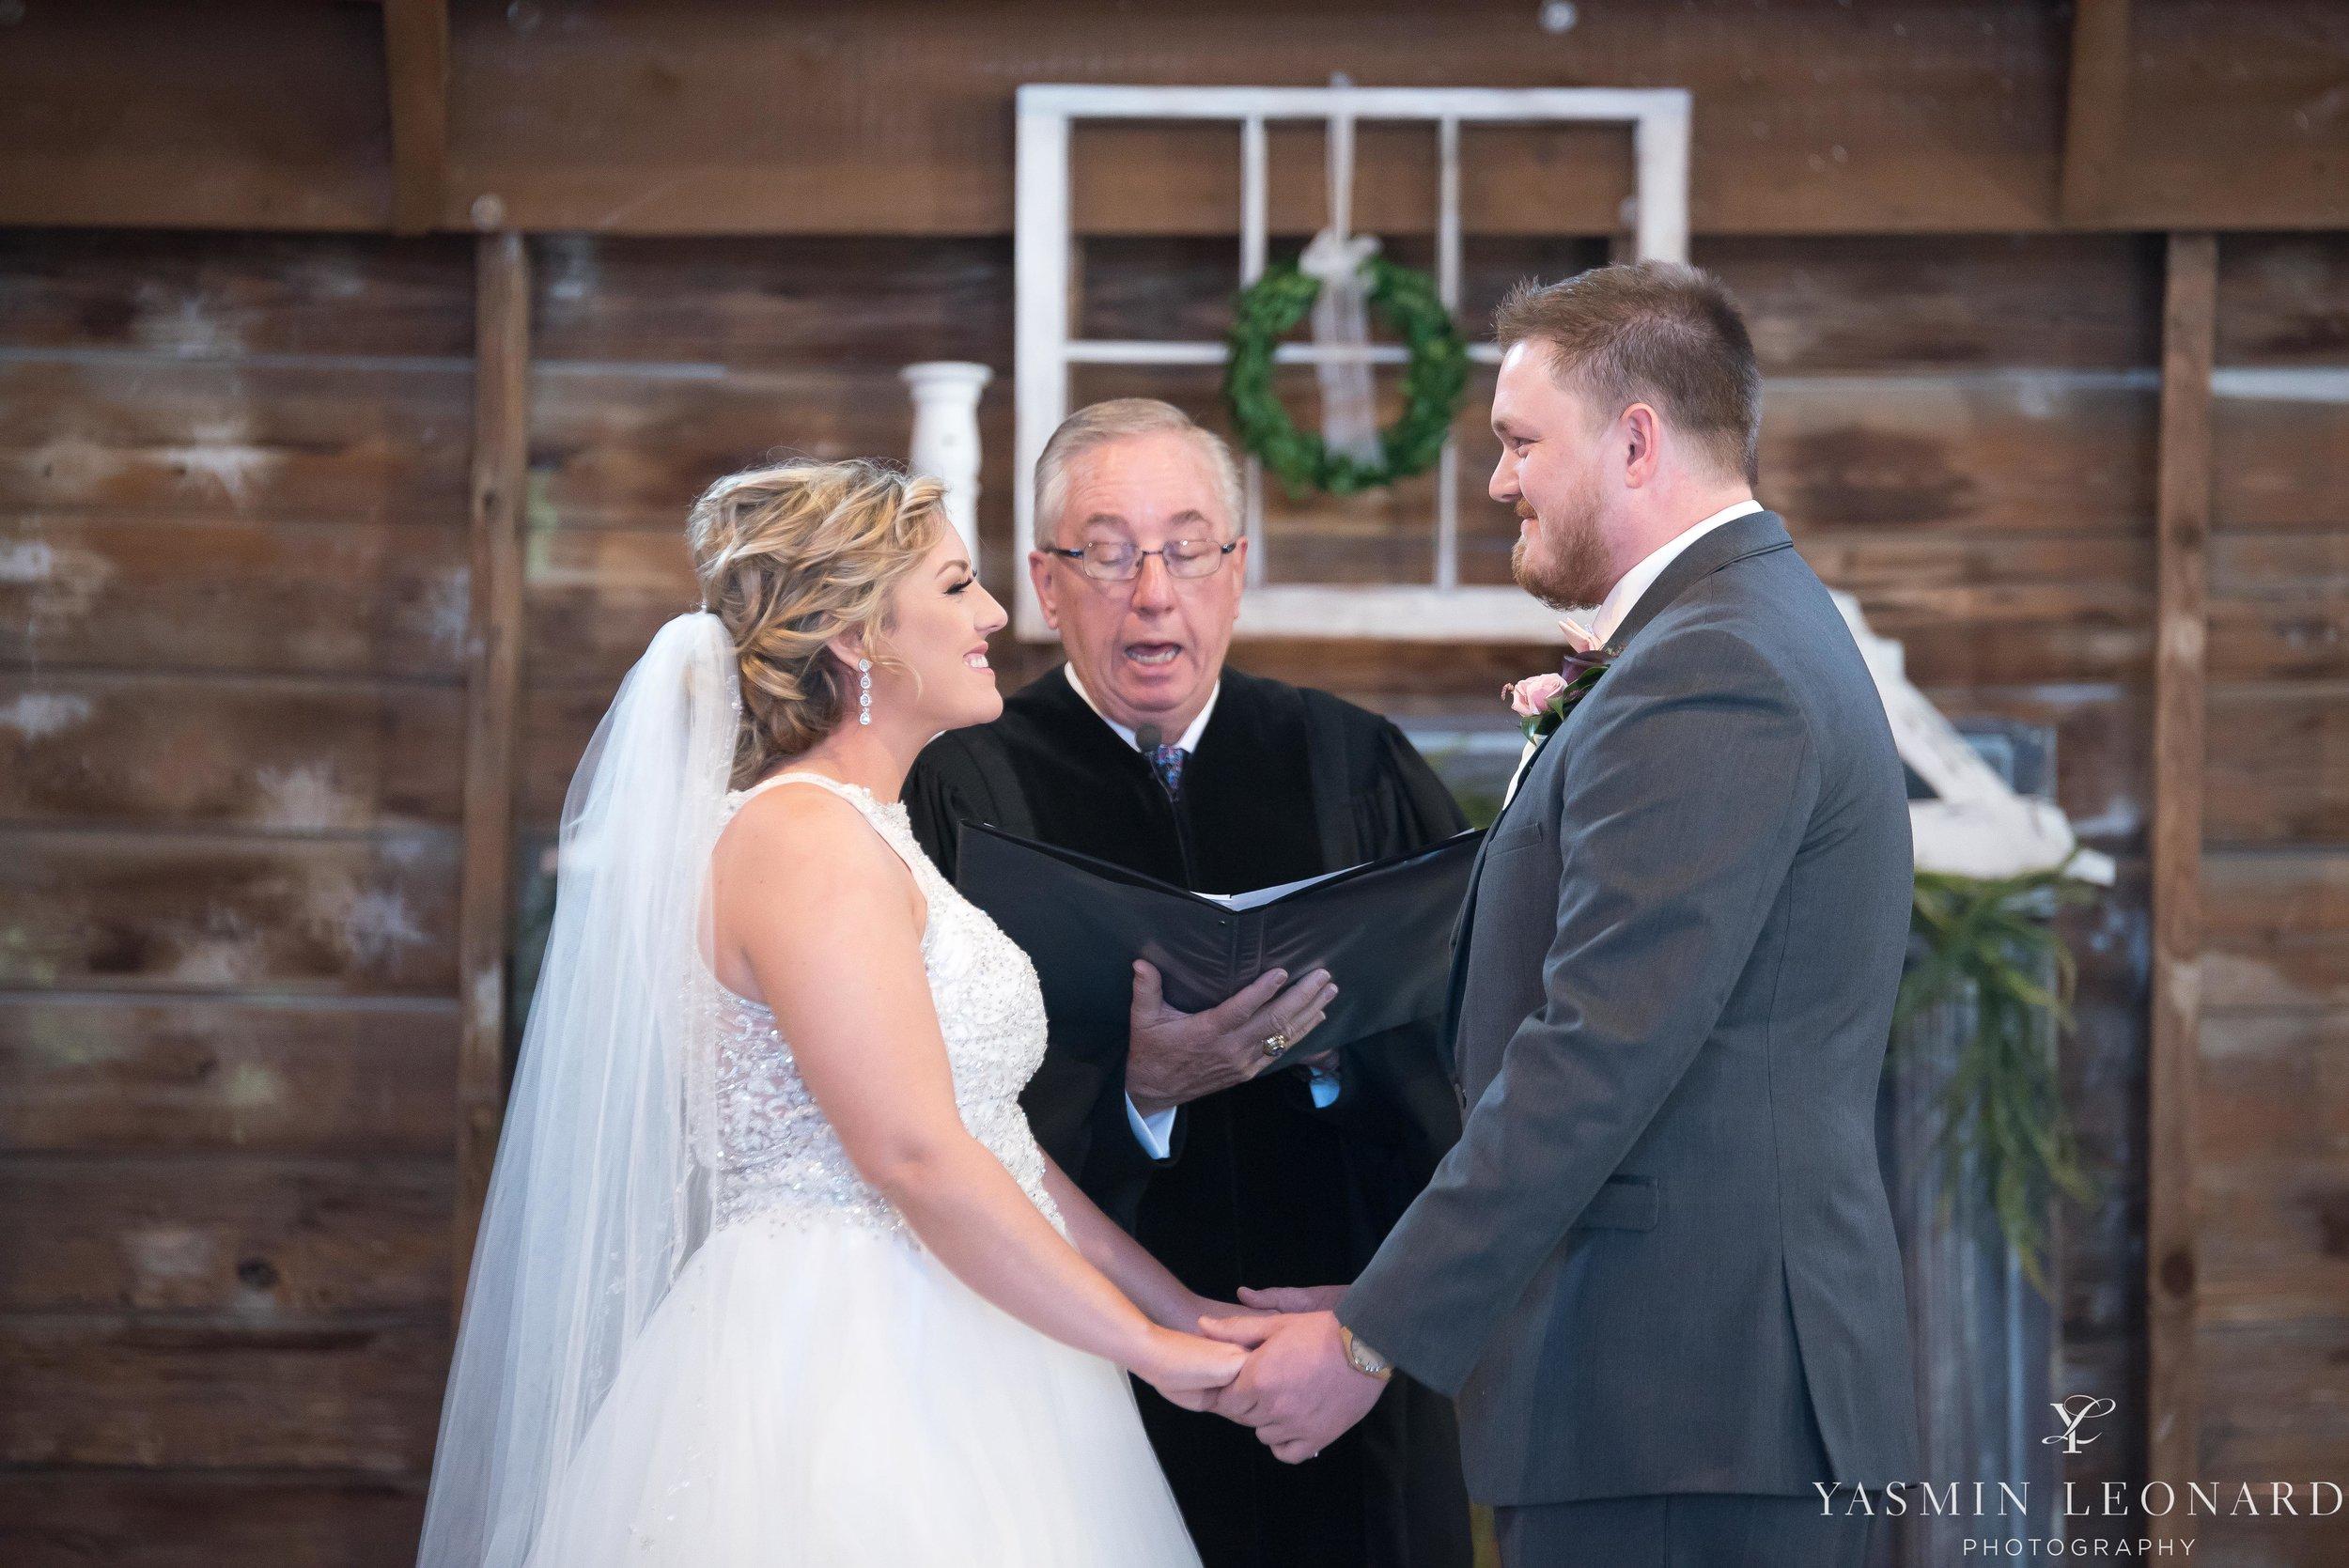 Millikan Farms - Millikan Farms Wedding - Sophia NC Wedding - NC Wedding - NC Wedding Photographer - Yasmin Leonard Photography - High Point Photographer - Barn Wedding - Wedding Venues in NC - Triad Wedding Photographer-46.jpg